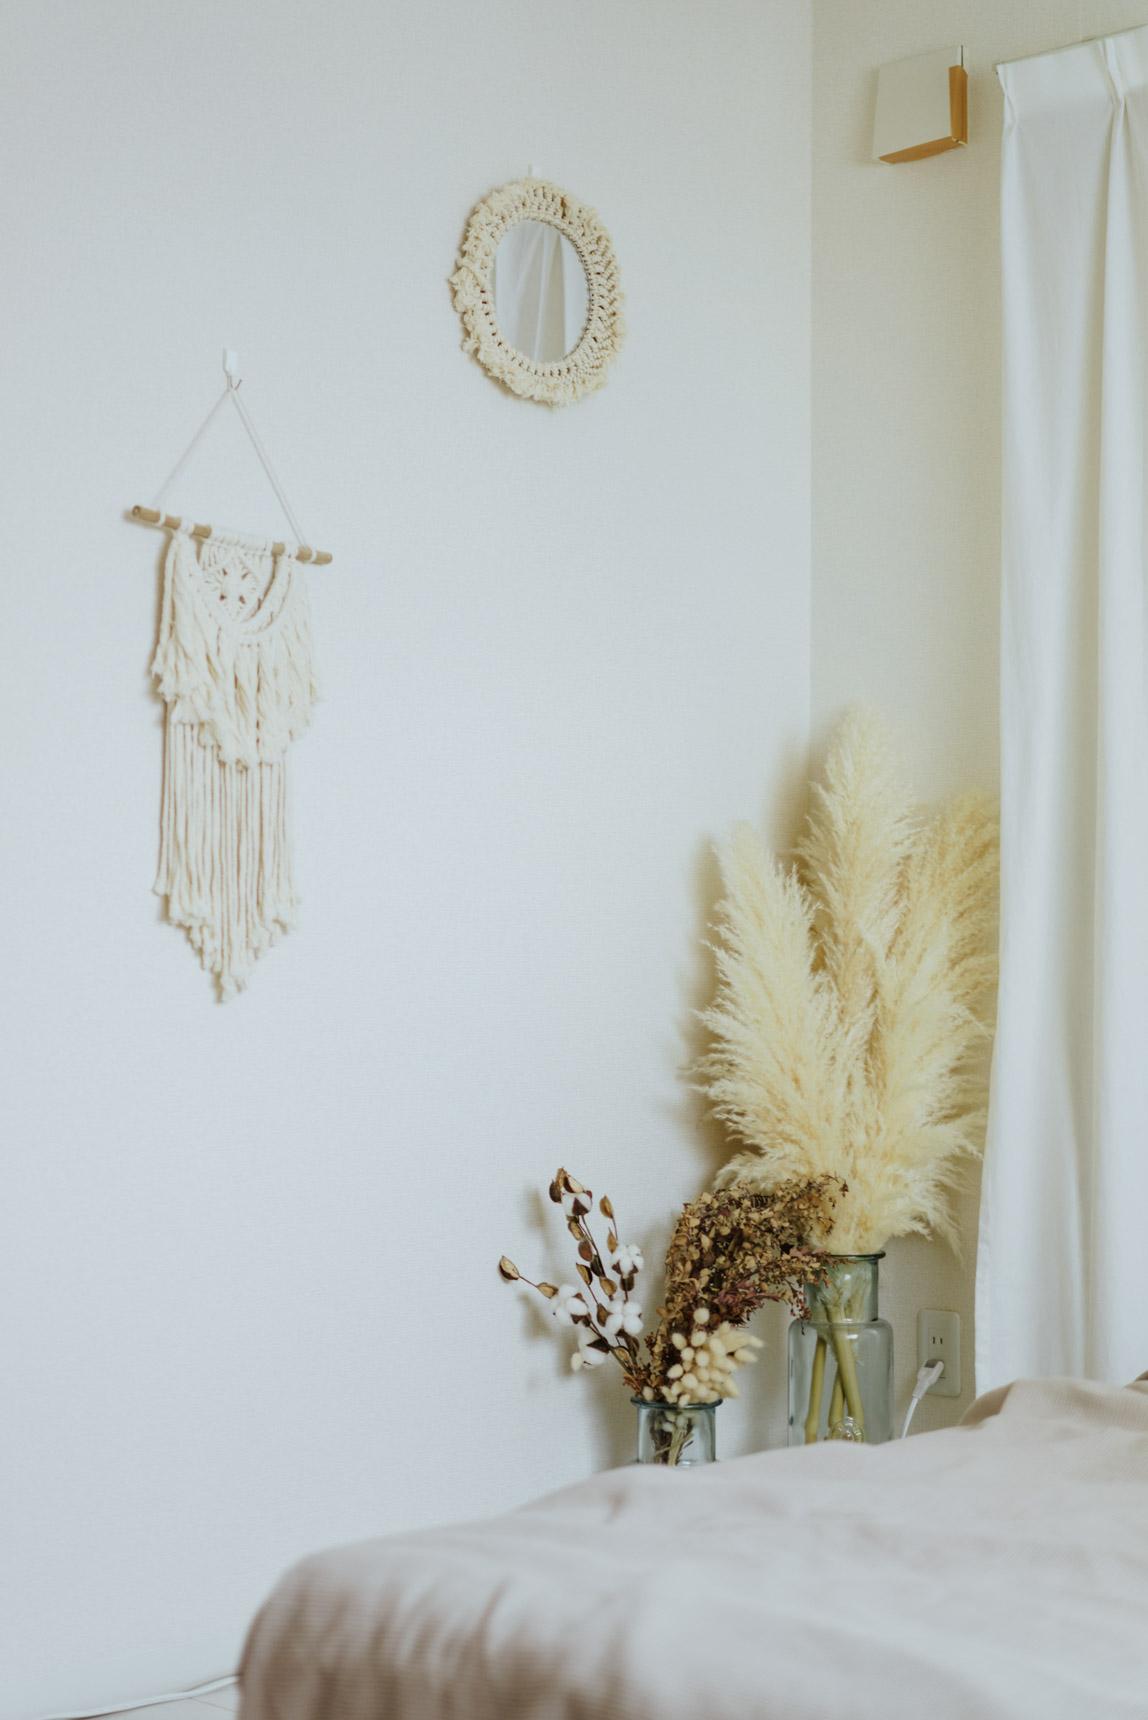 「パンパスグラス」という箒のような花材も、goodroomユーザーの間では人気のアイテム。存在感がある大きさなので、部屋の角が寂しいときなどに置いてあげるといいですよ。